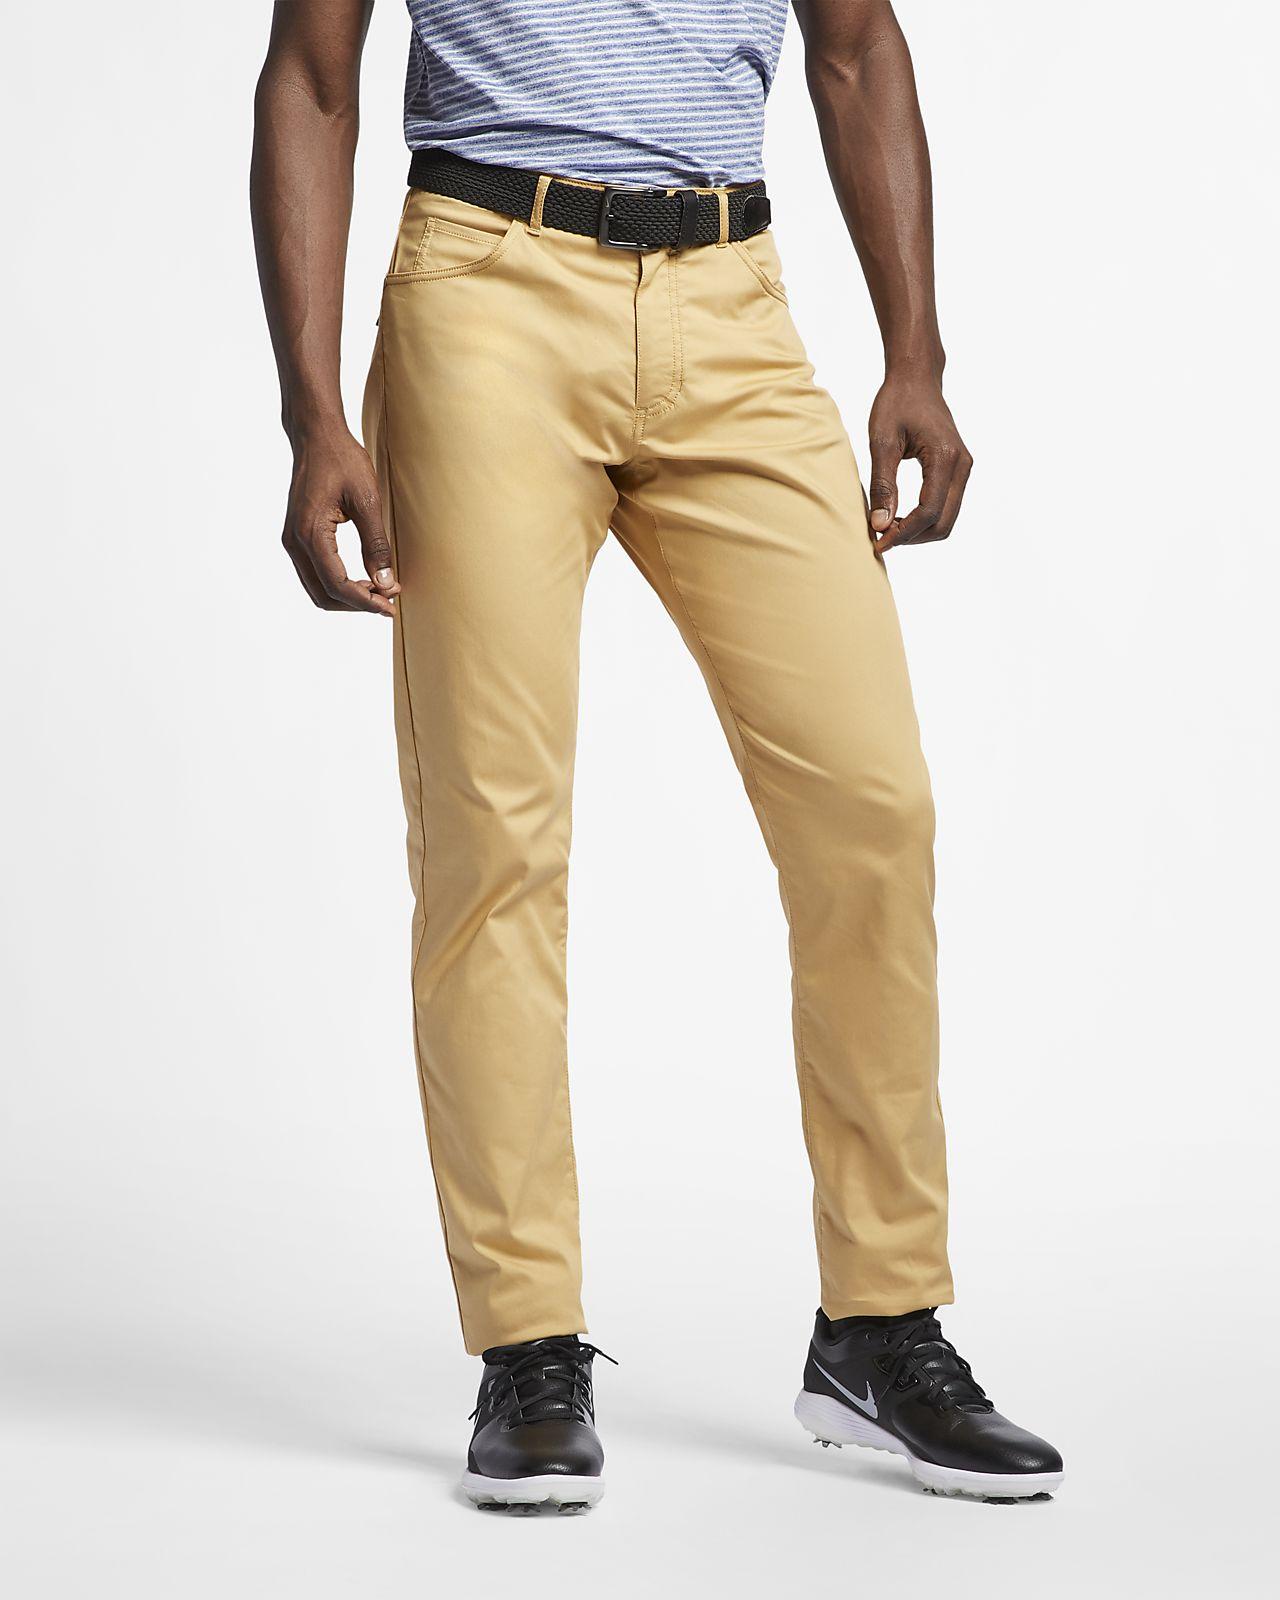 Мужские брюки для гольфа с плотной посадкой и 5 карманами Nike Flex